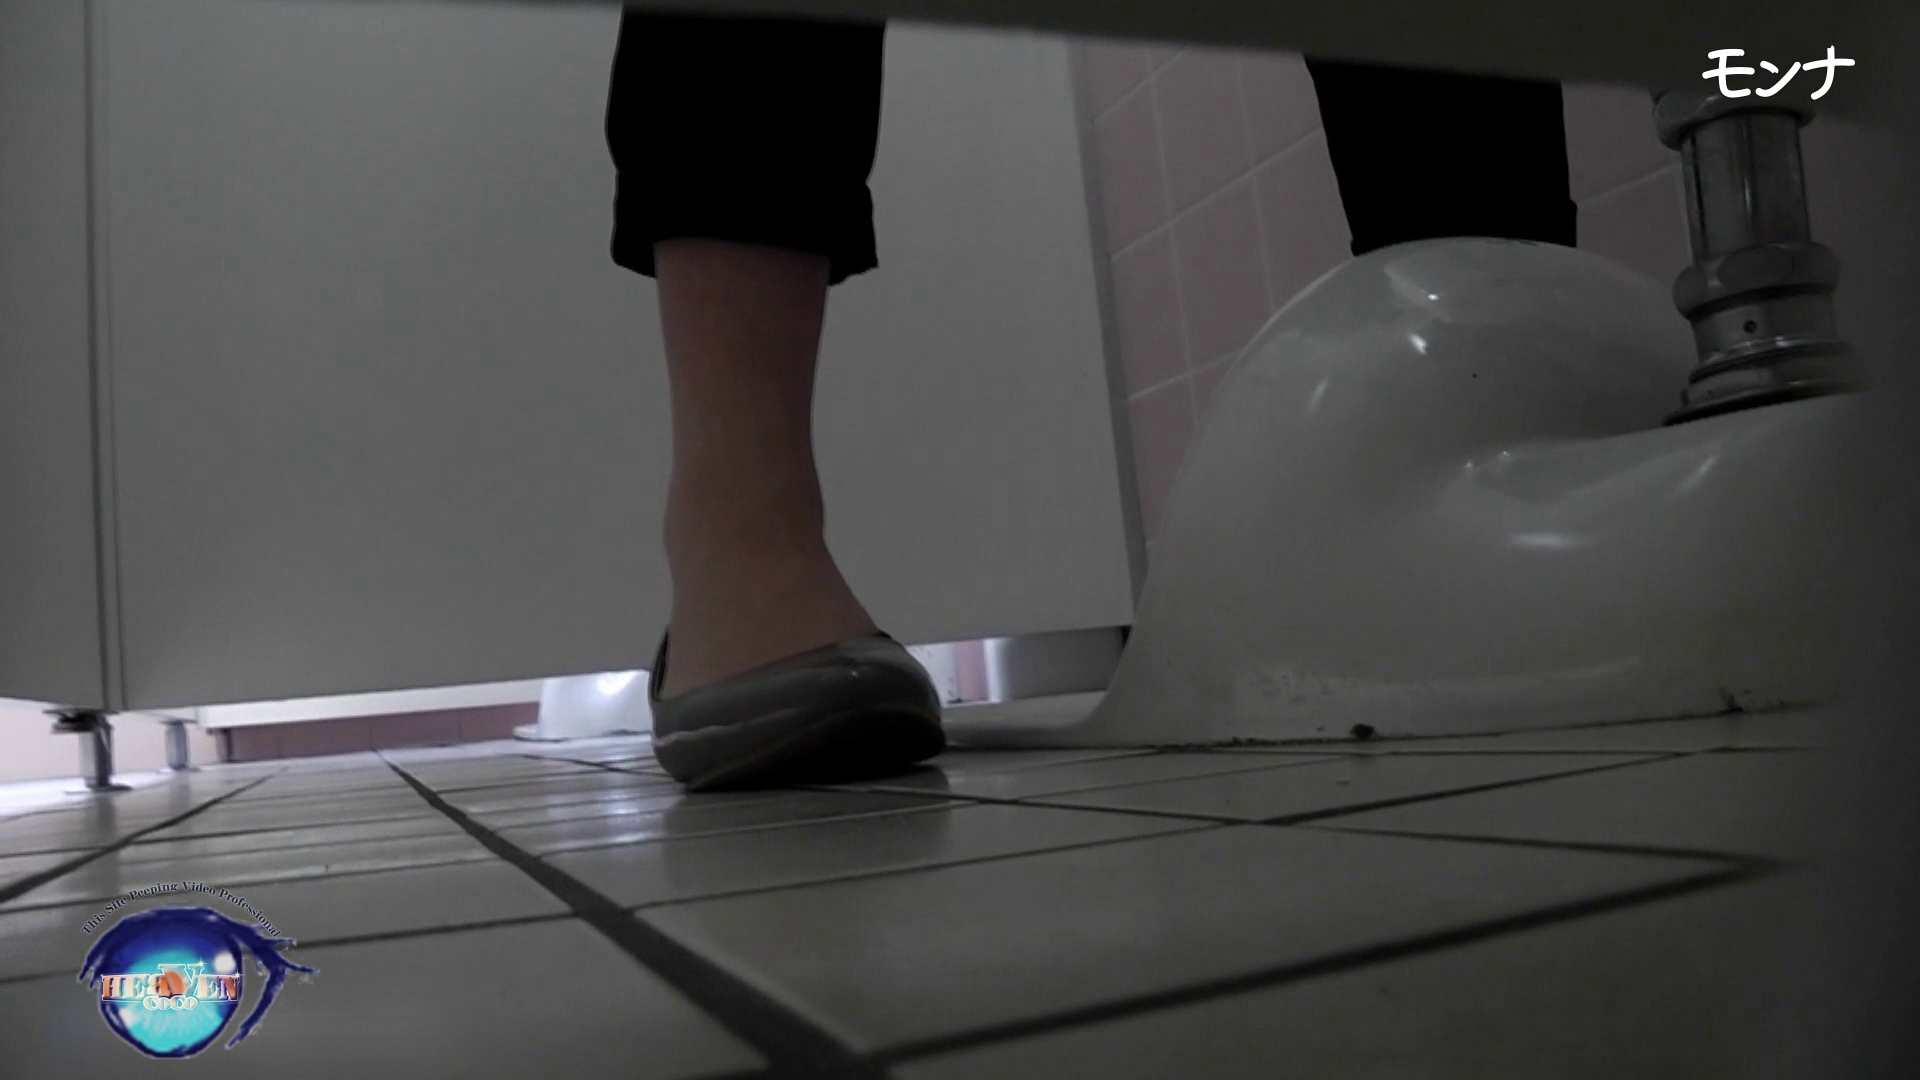 【美しい日本の未来】美しい日本の未来 No.76 育ちのいいお嬢様達は、トイレの姿勢も綺麗・・・・・ パンスト オメコ無修正動画無料 87PICs 86